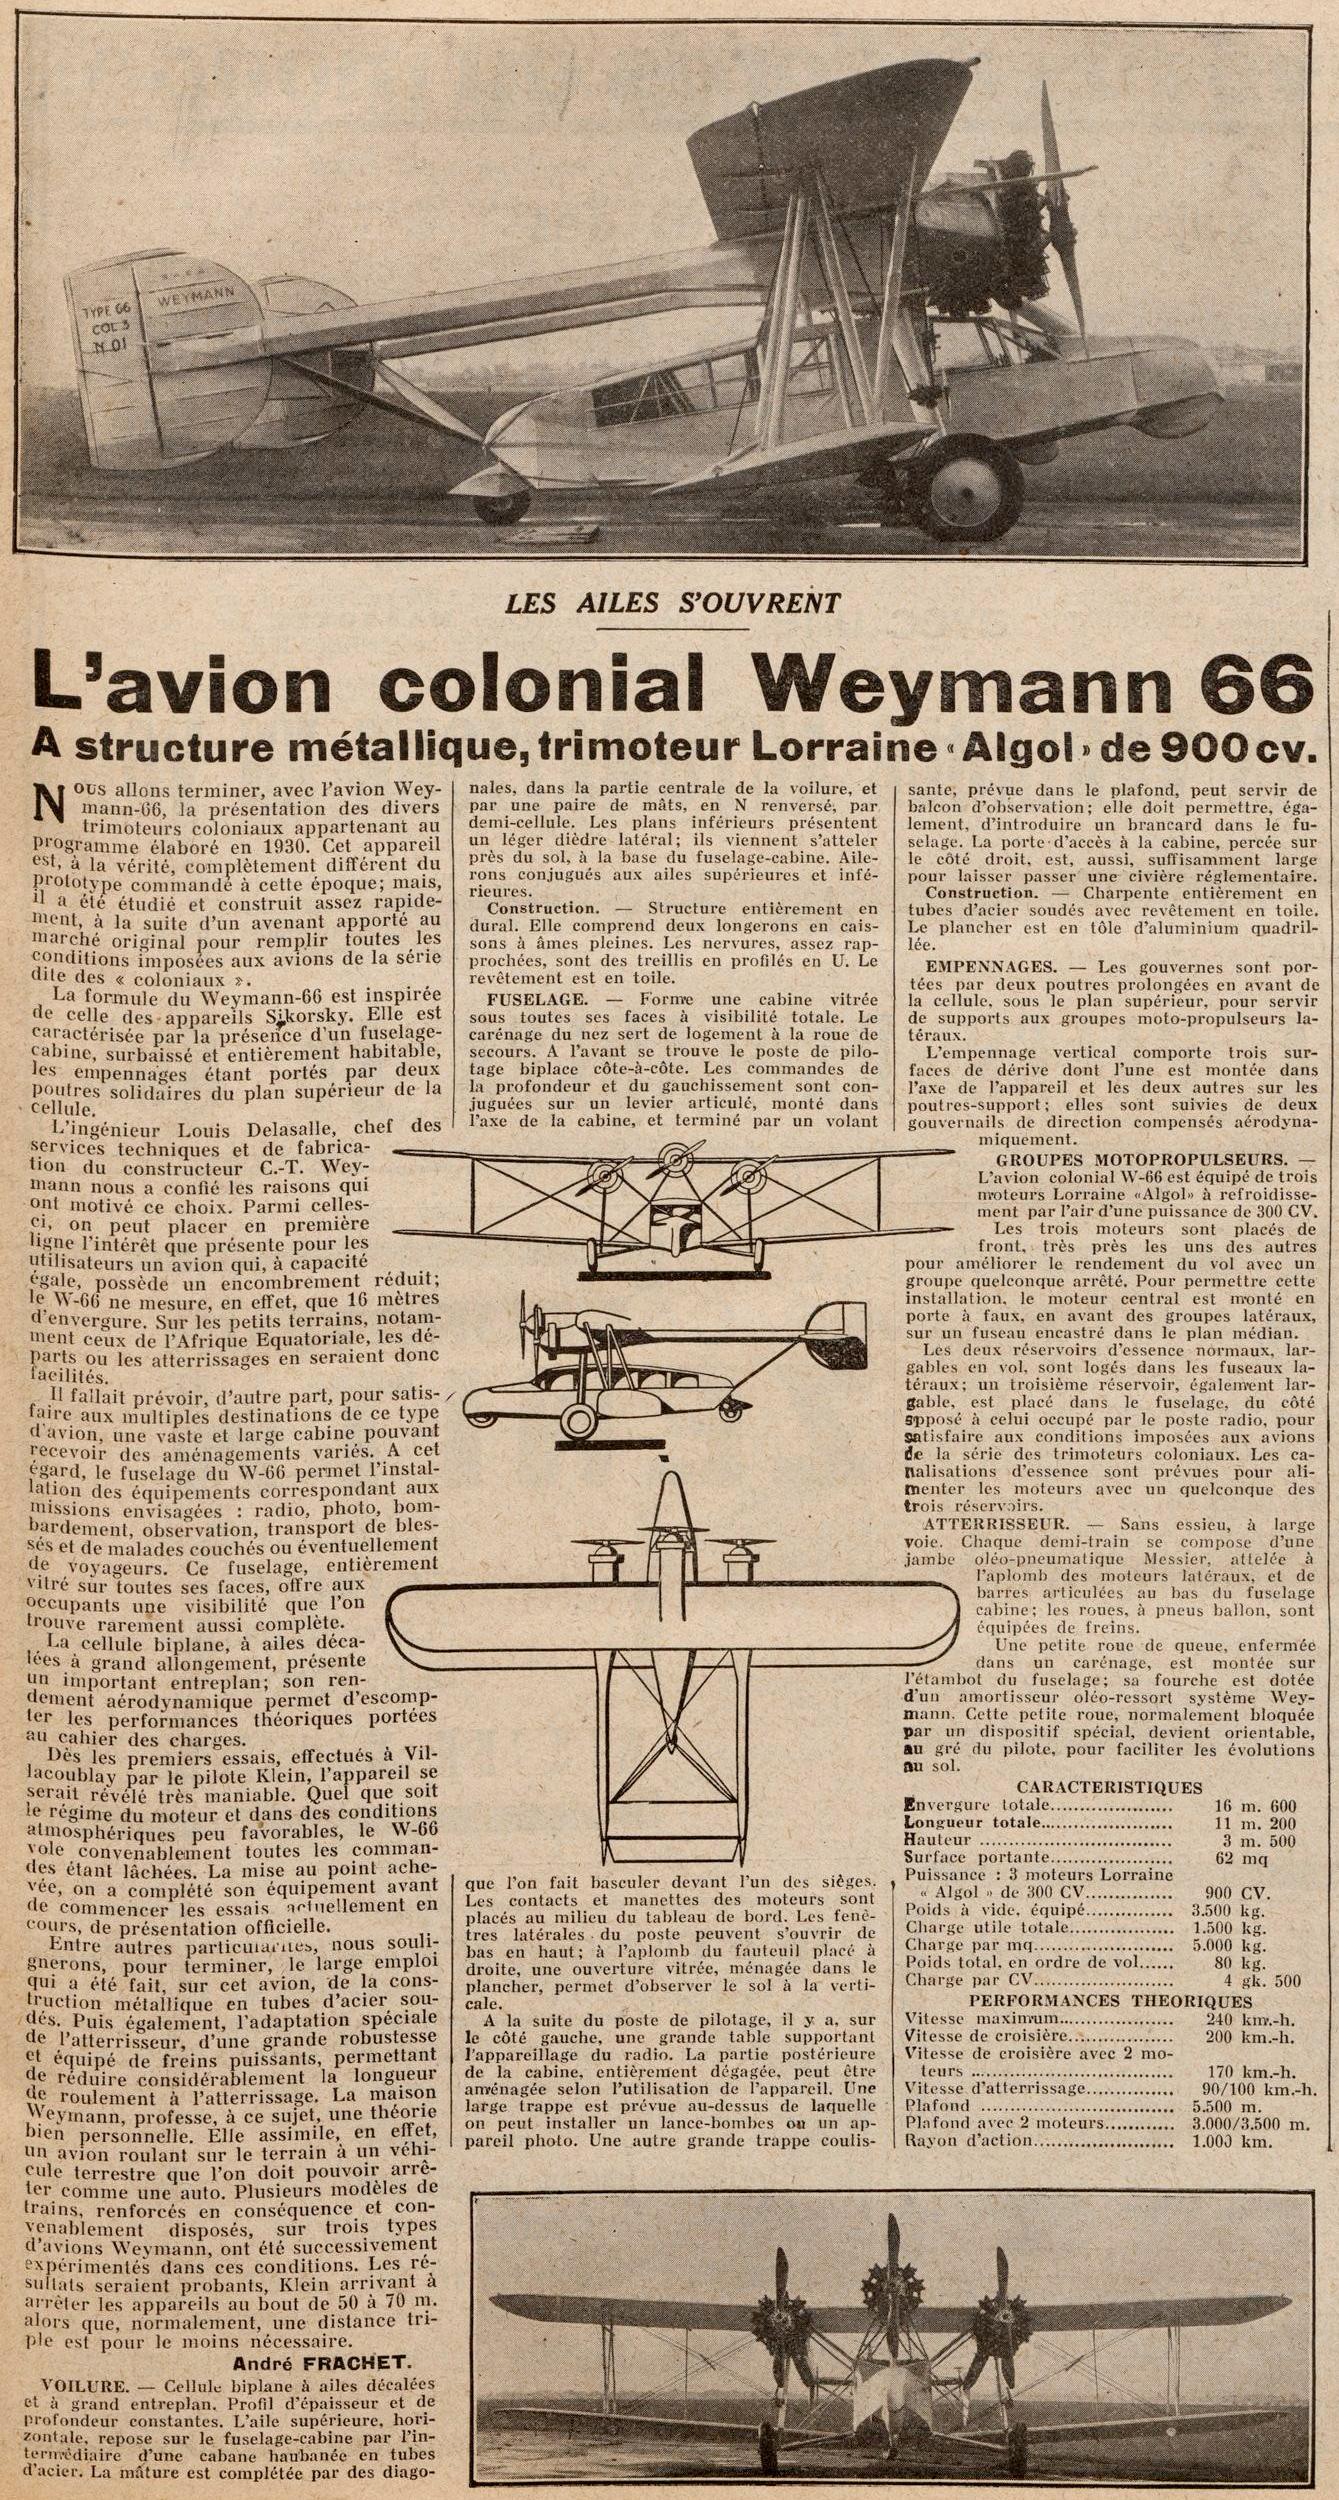 weymann66